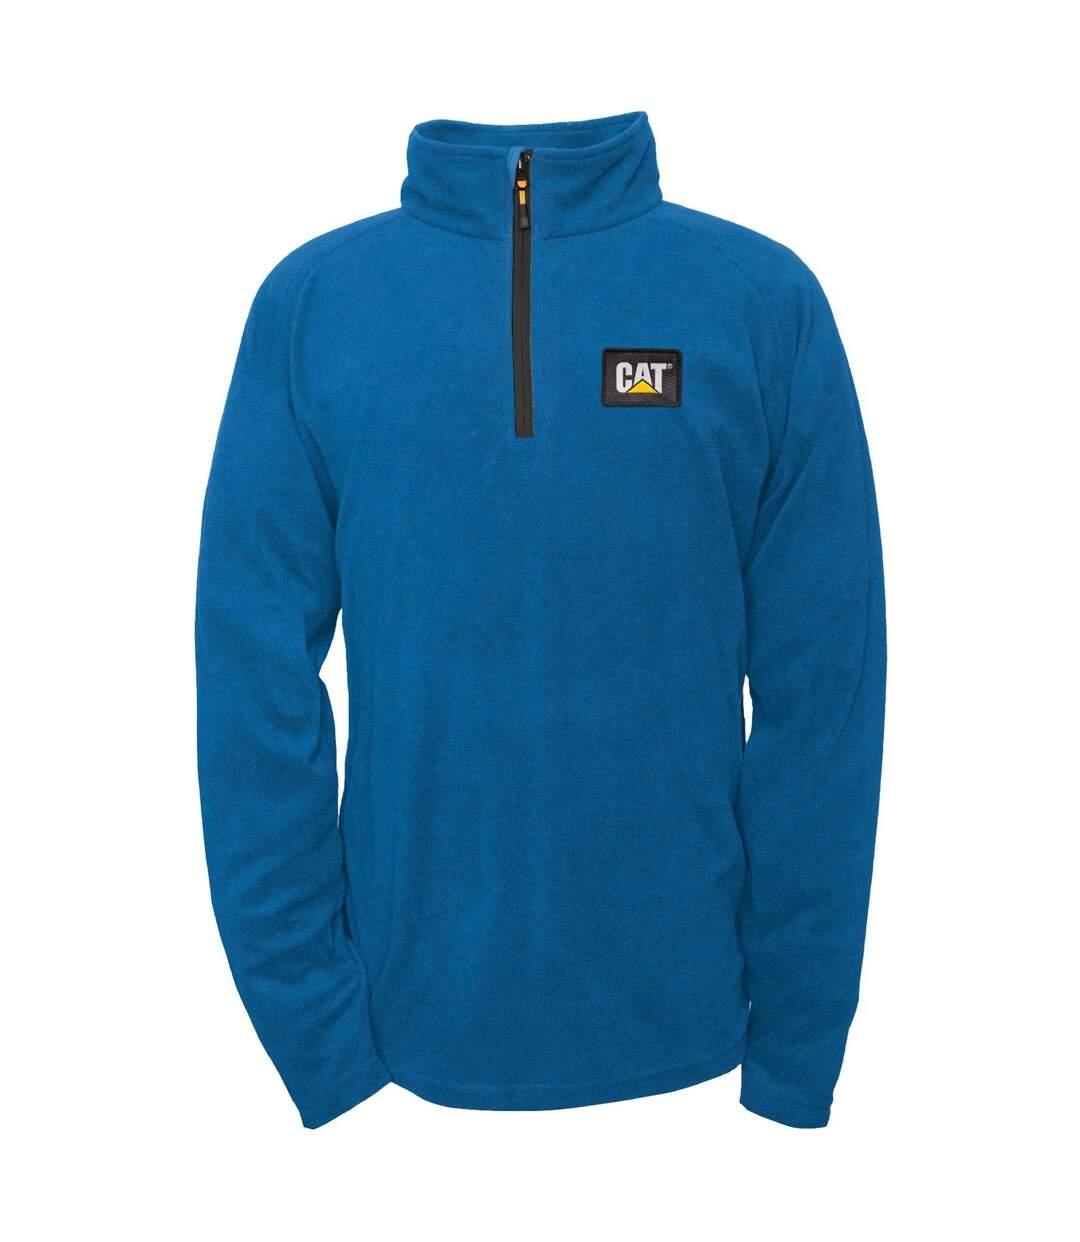 Caterpillar Mens Concord Fleece Pullover (Blue) - UTFS5049